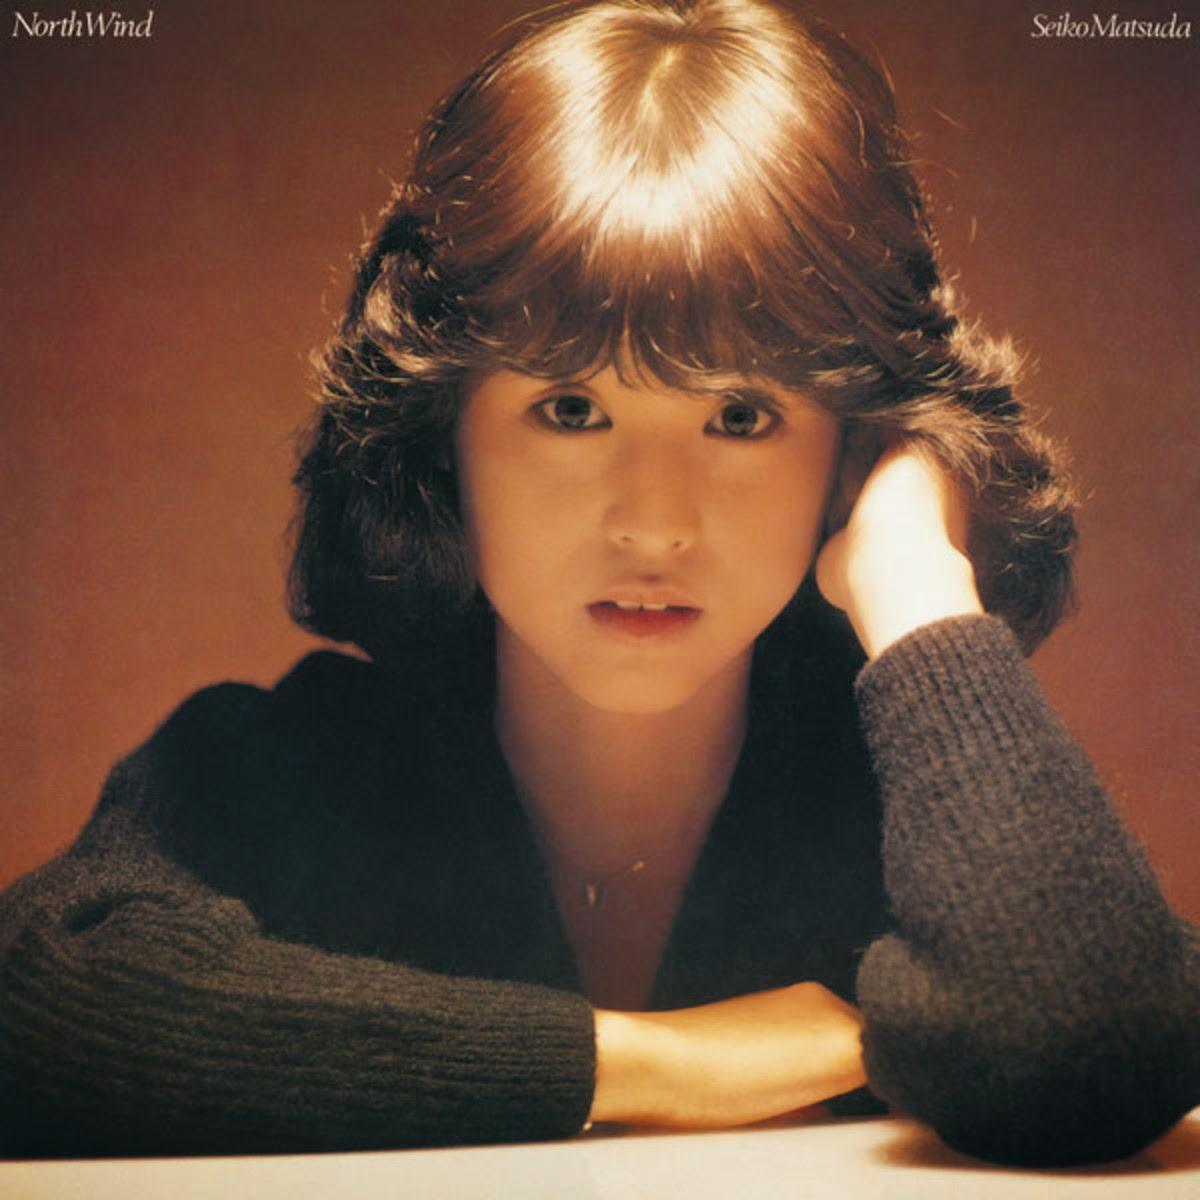 Hơn 30 năm trước tại Nhật đã xuất hiện mỹ nhân hội tụ vẻ đẹp của cả Sulli, Seolhyun và Park Bo Young - Ảnh 3.